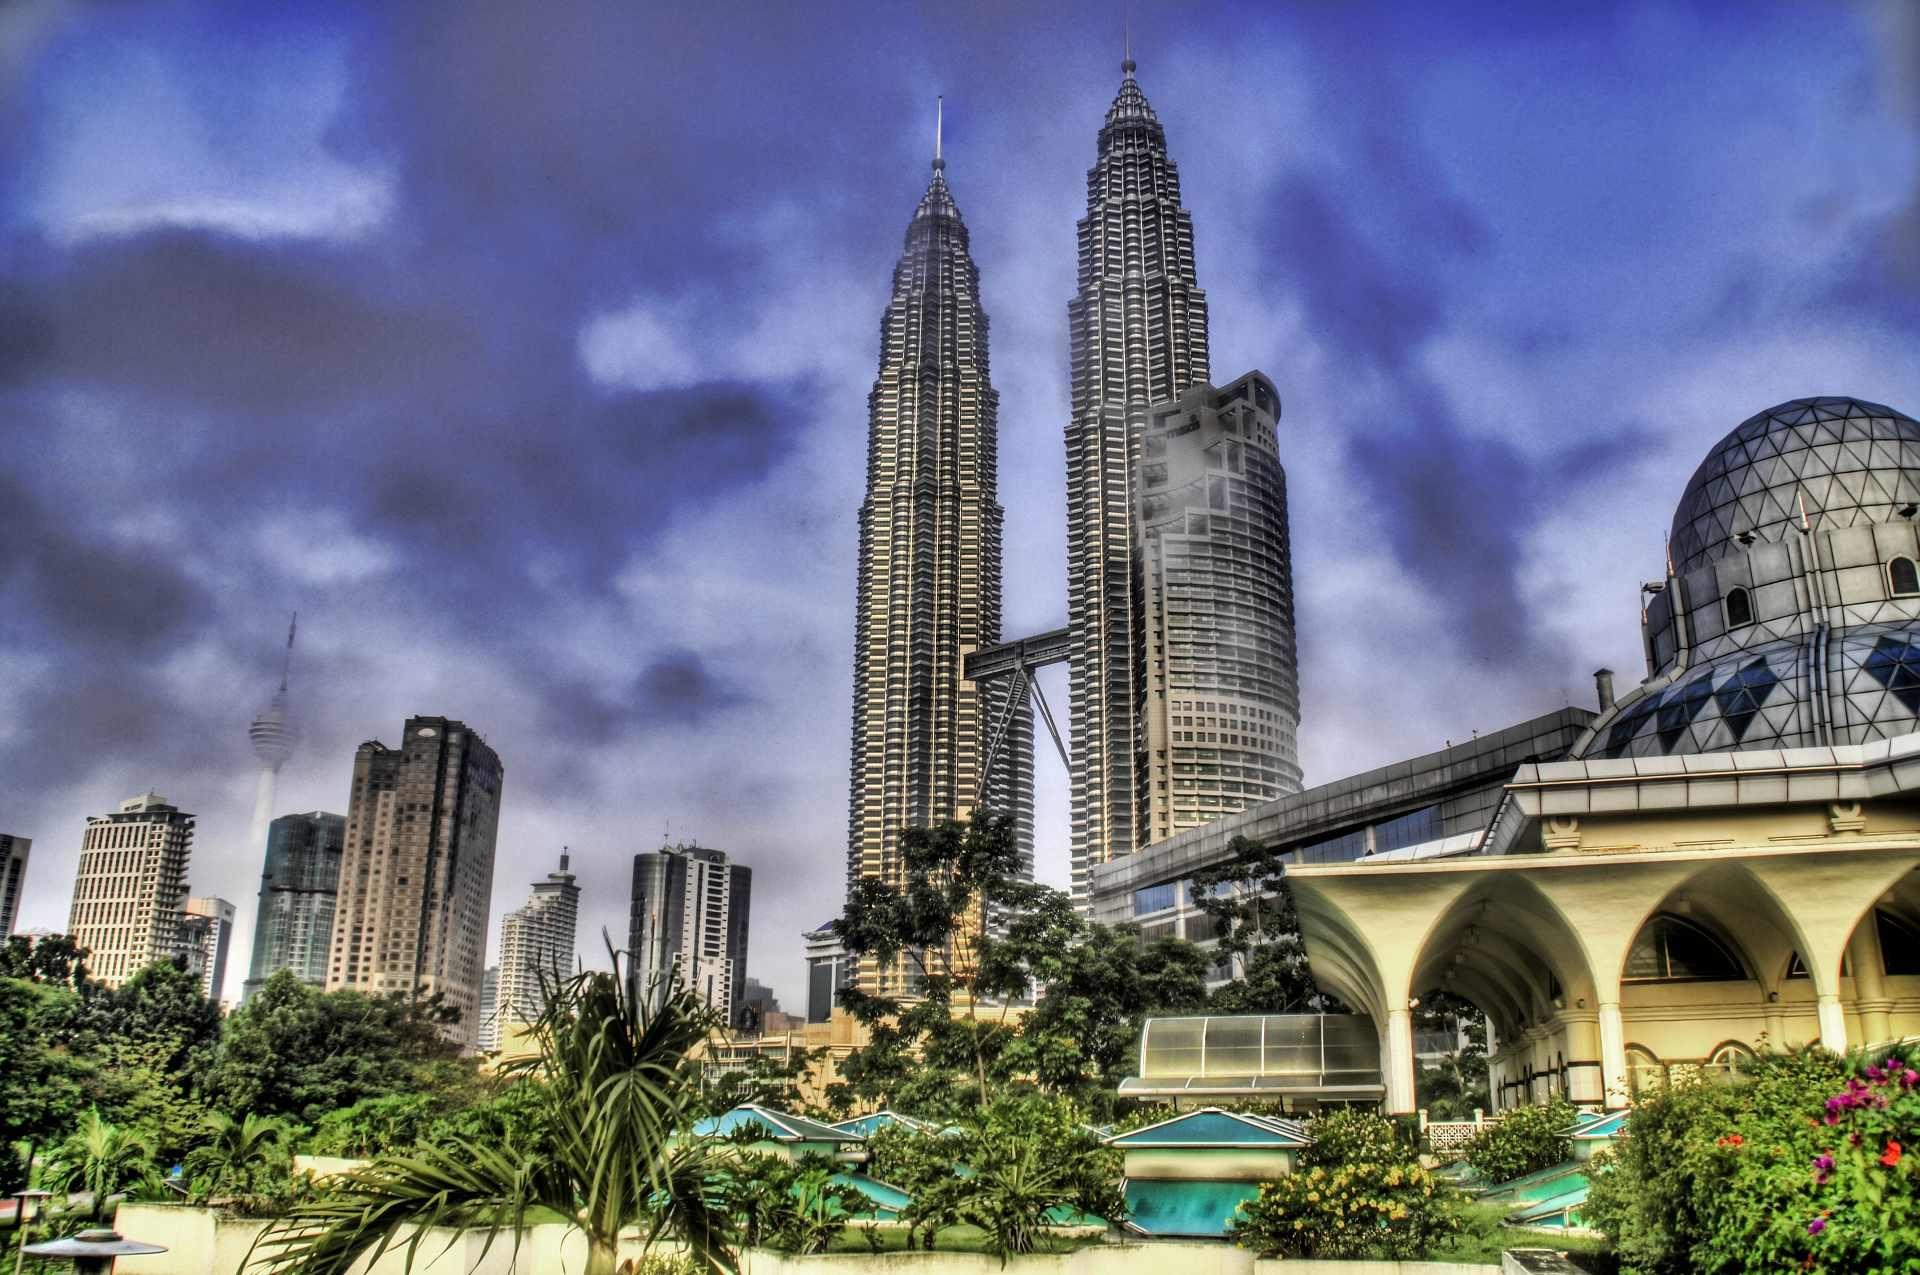 Malajsie - informace o destinaci | CK Livingstone